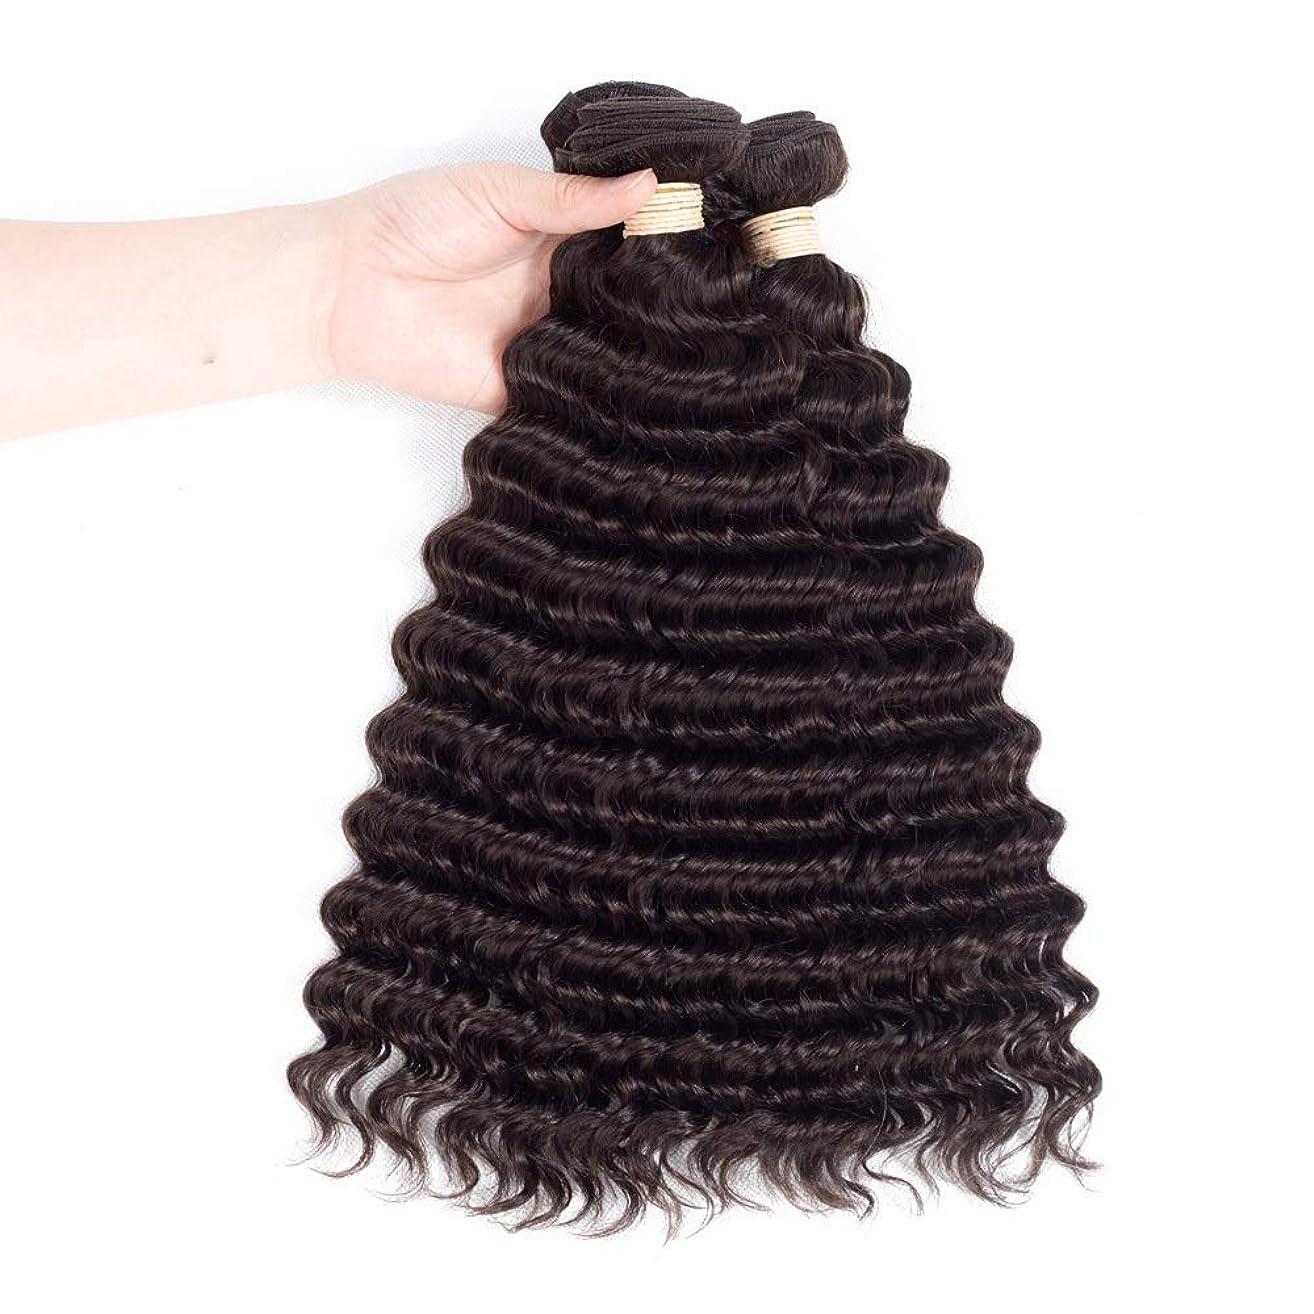 鉱石ラダ眠るBOBIDYEE 人間の髪の毛の束ブラジルディープウェーブ本物の人間の髪の毛の織り方#2ダークブラウン(8